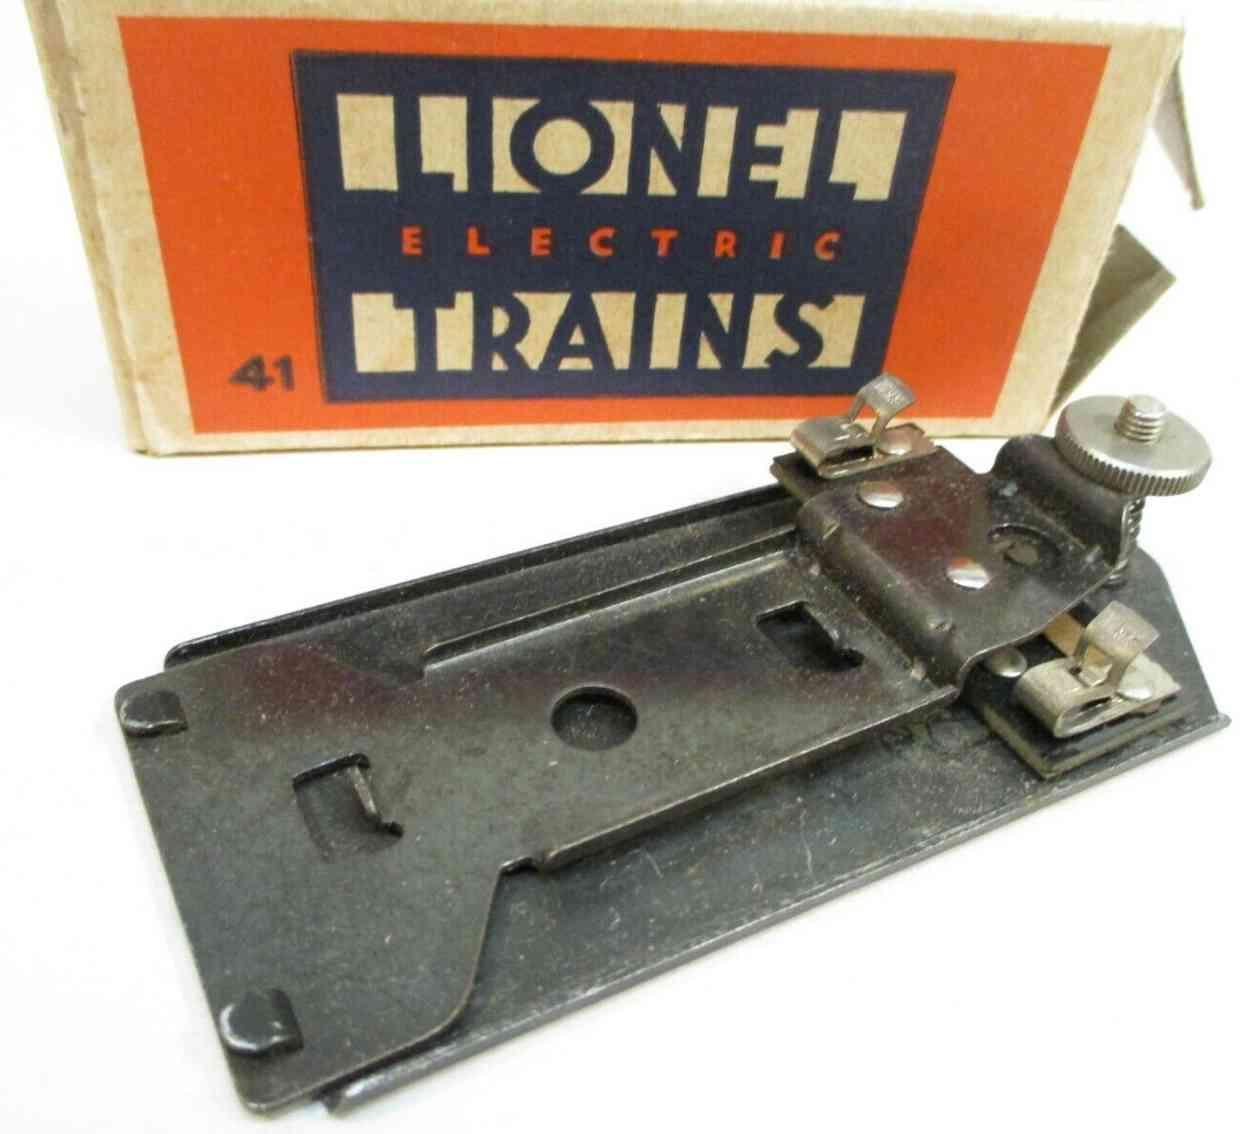 lionel 41 spielzeug eisenbahn kontakt aus metall gewichtsaktiviert feder